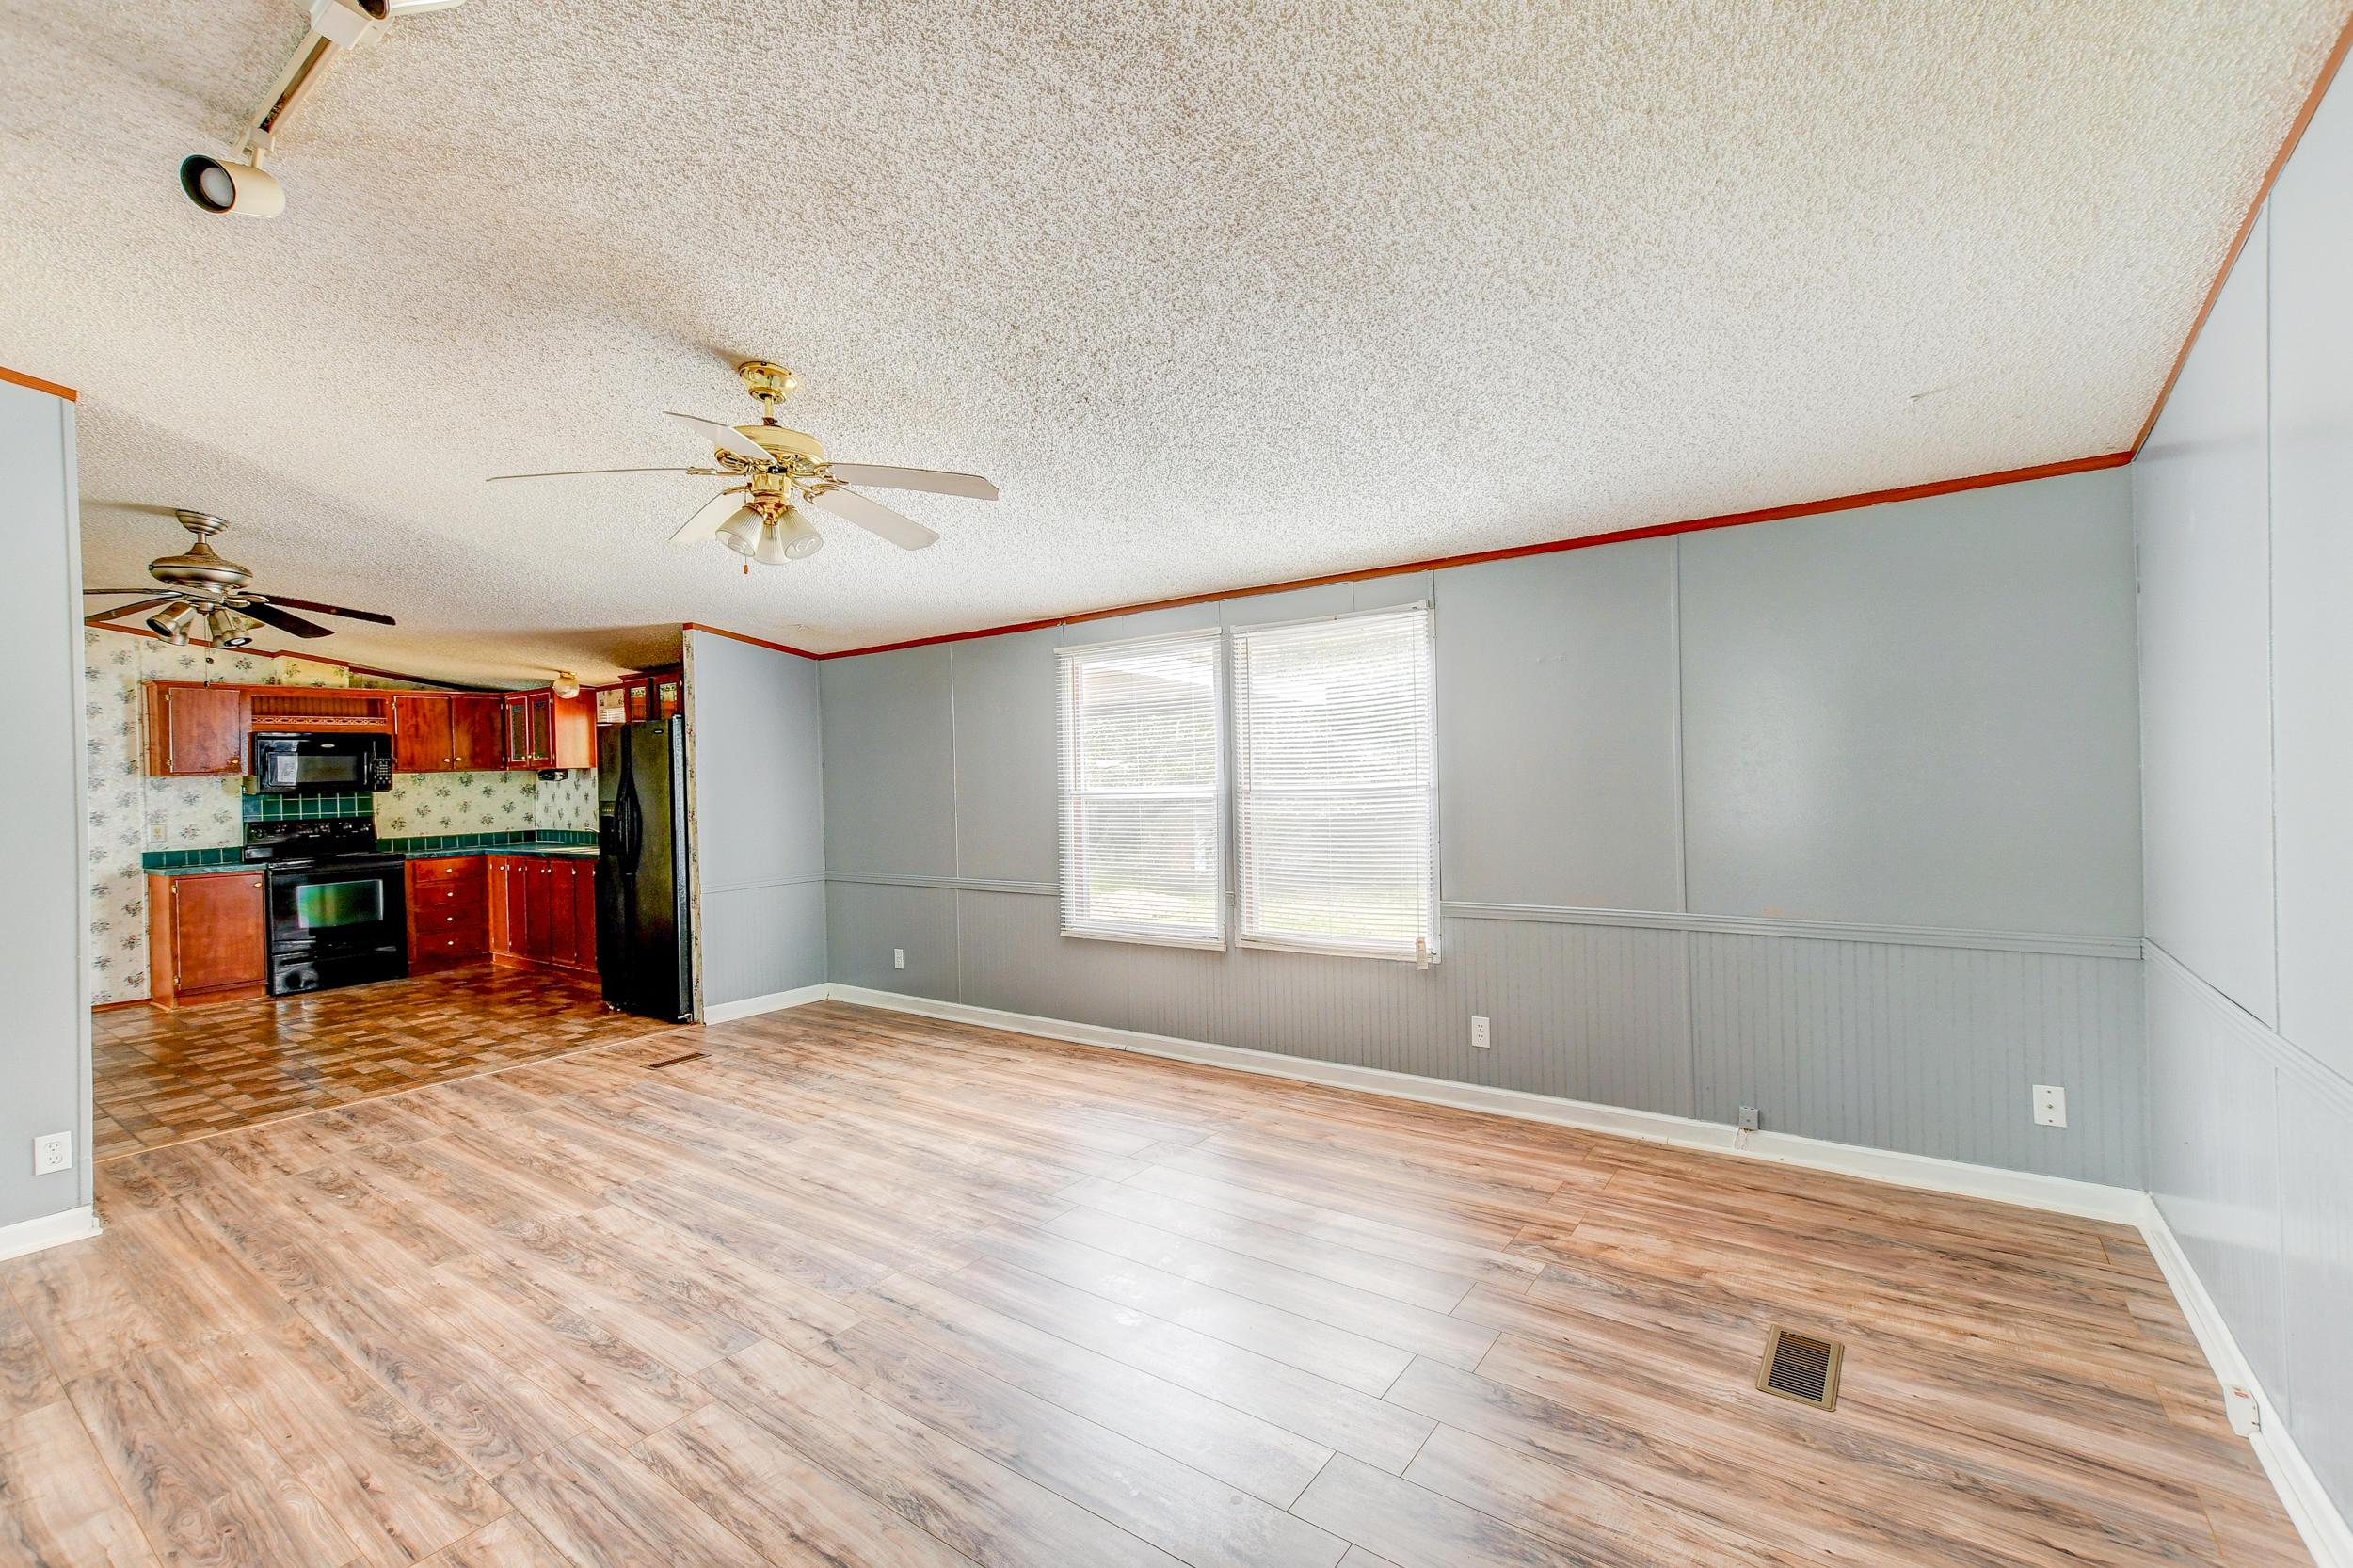 Clemson Terrace Homes For Sale - 123 Colkitt, Summerville, SC - 4